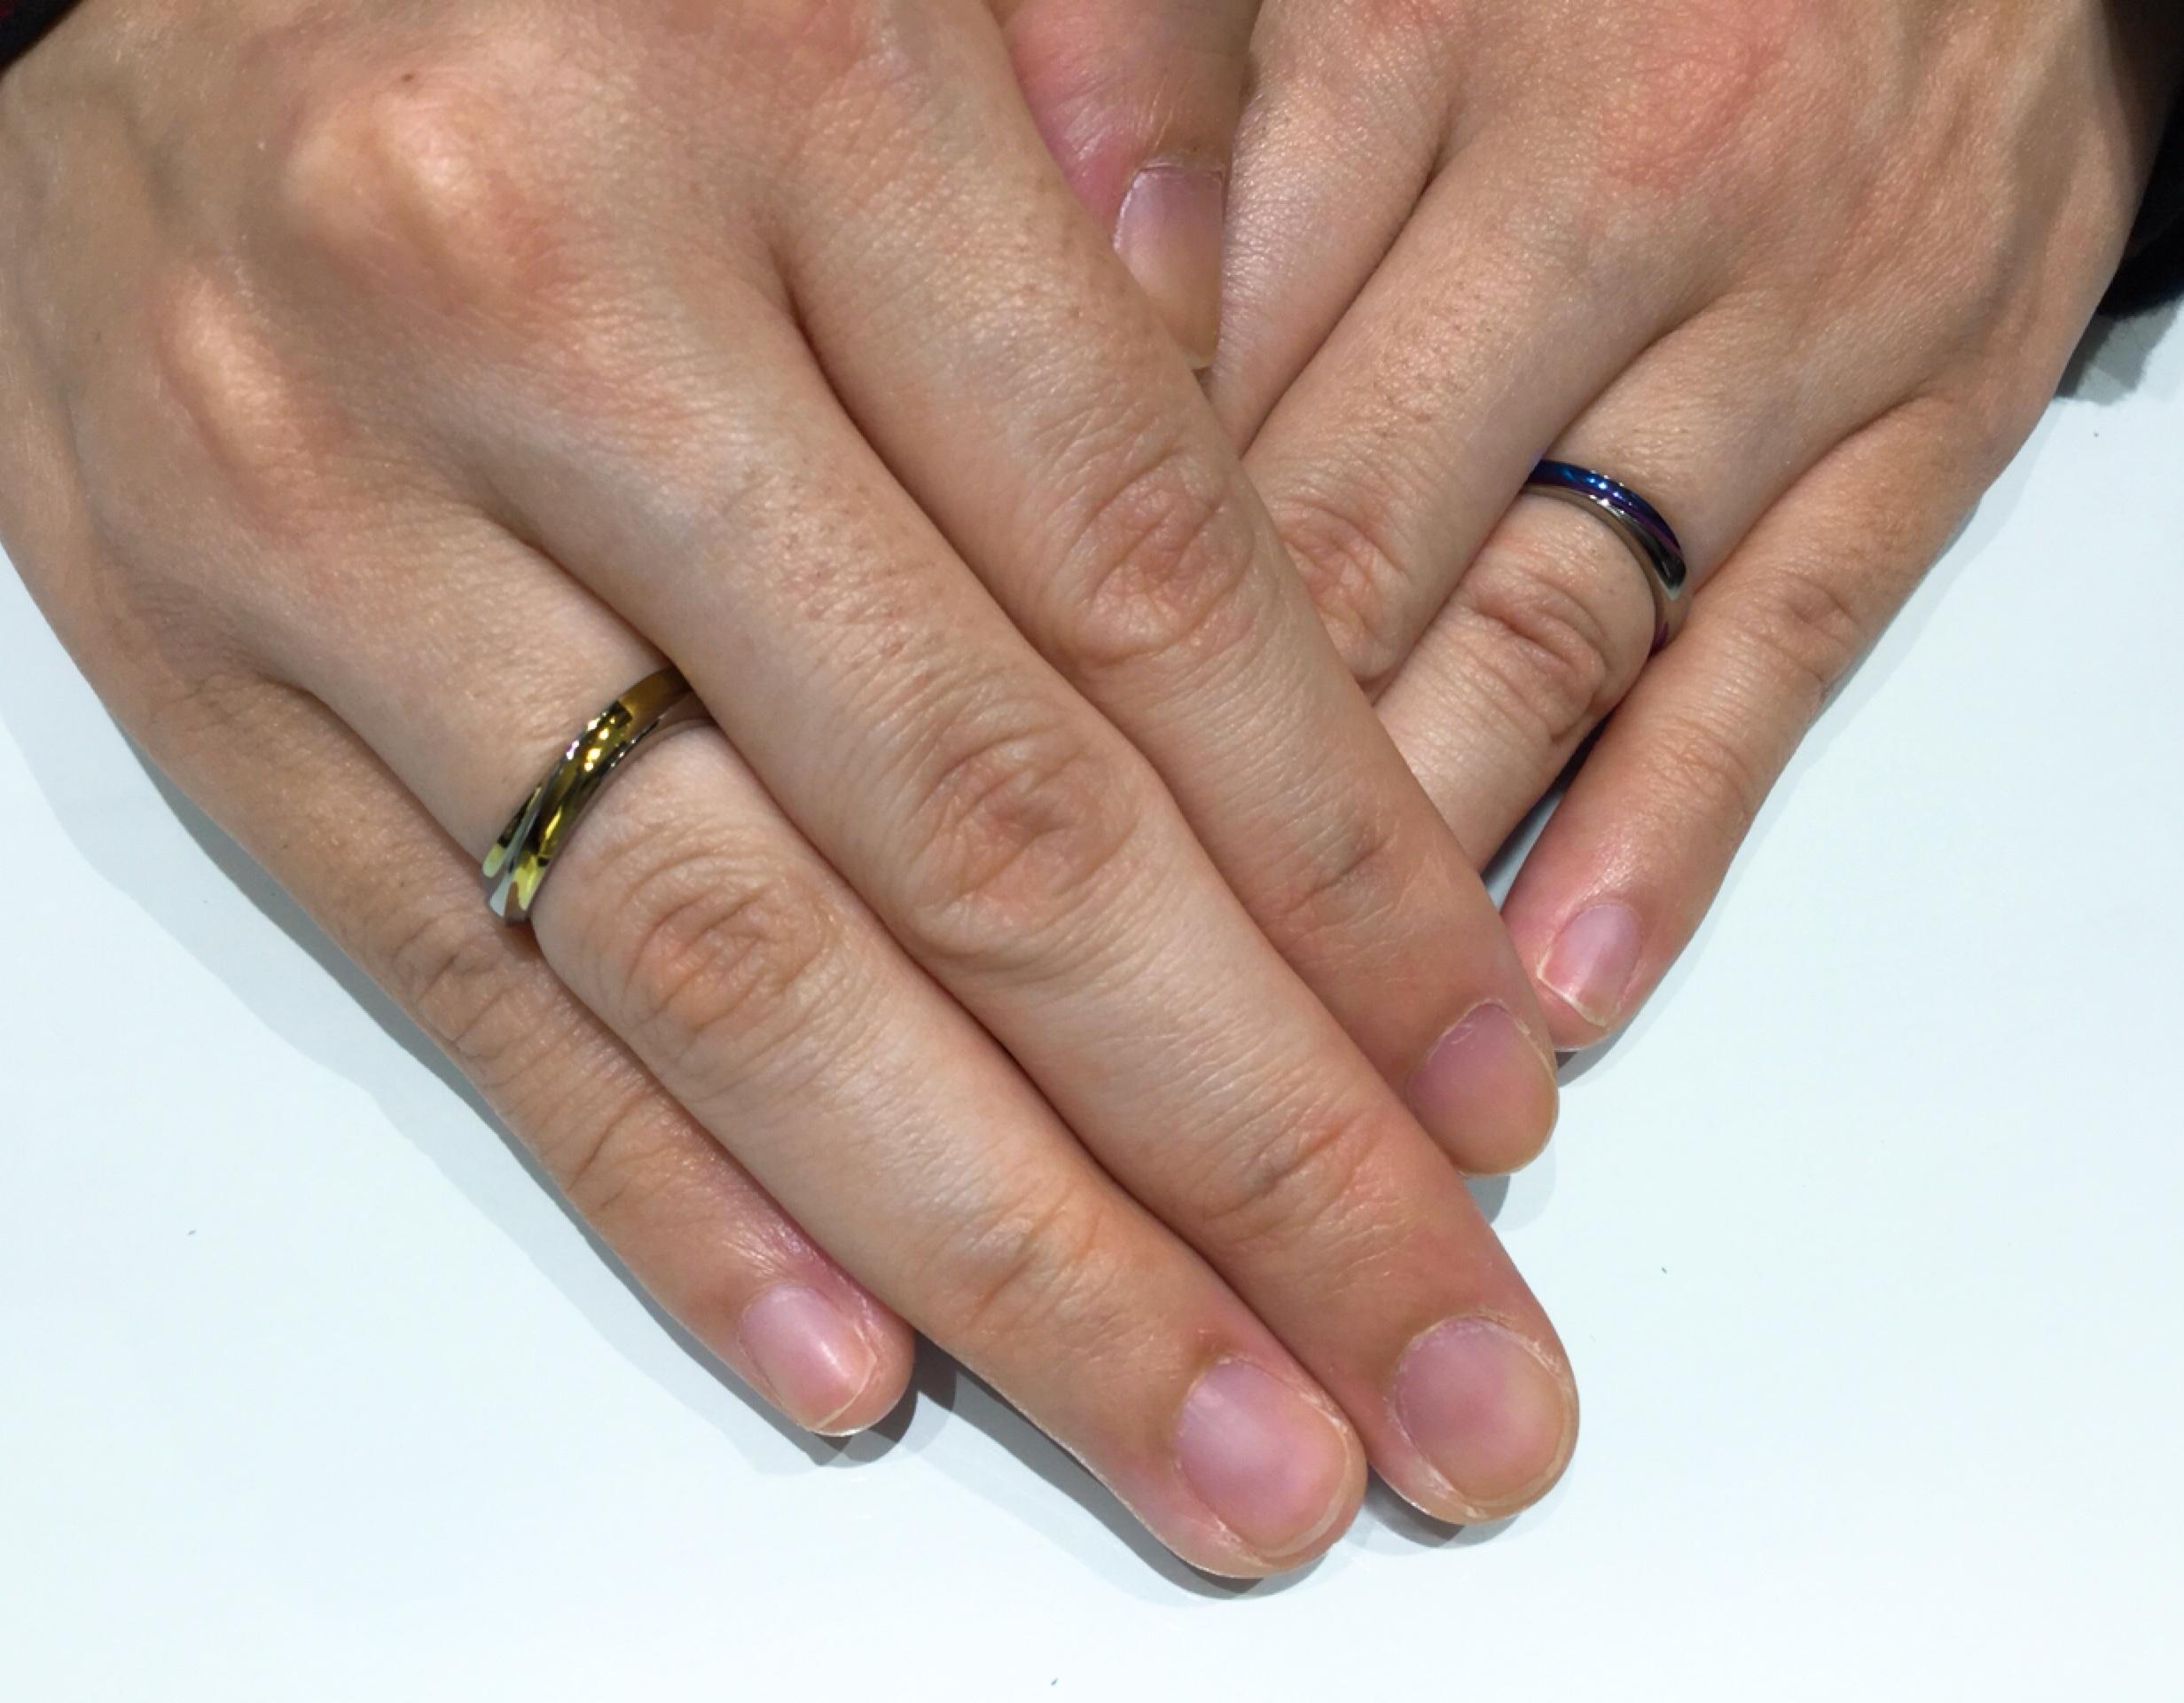 色選びも大切な思い出に💗SORA(ソラ)のカラフルな結婚指輪(新潟市/A様ご夫婦)